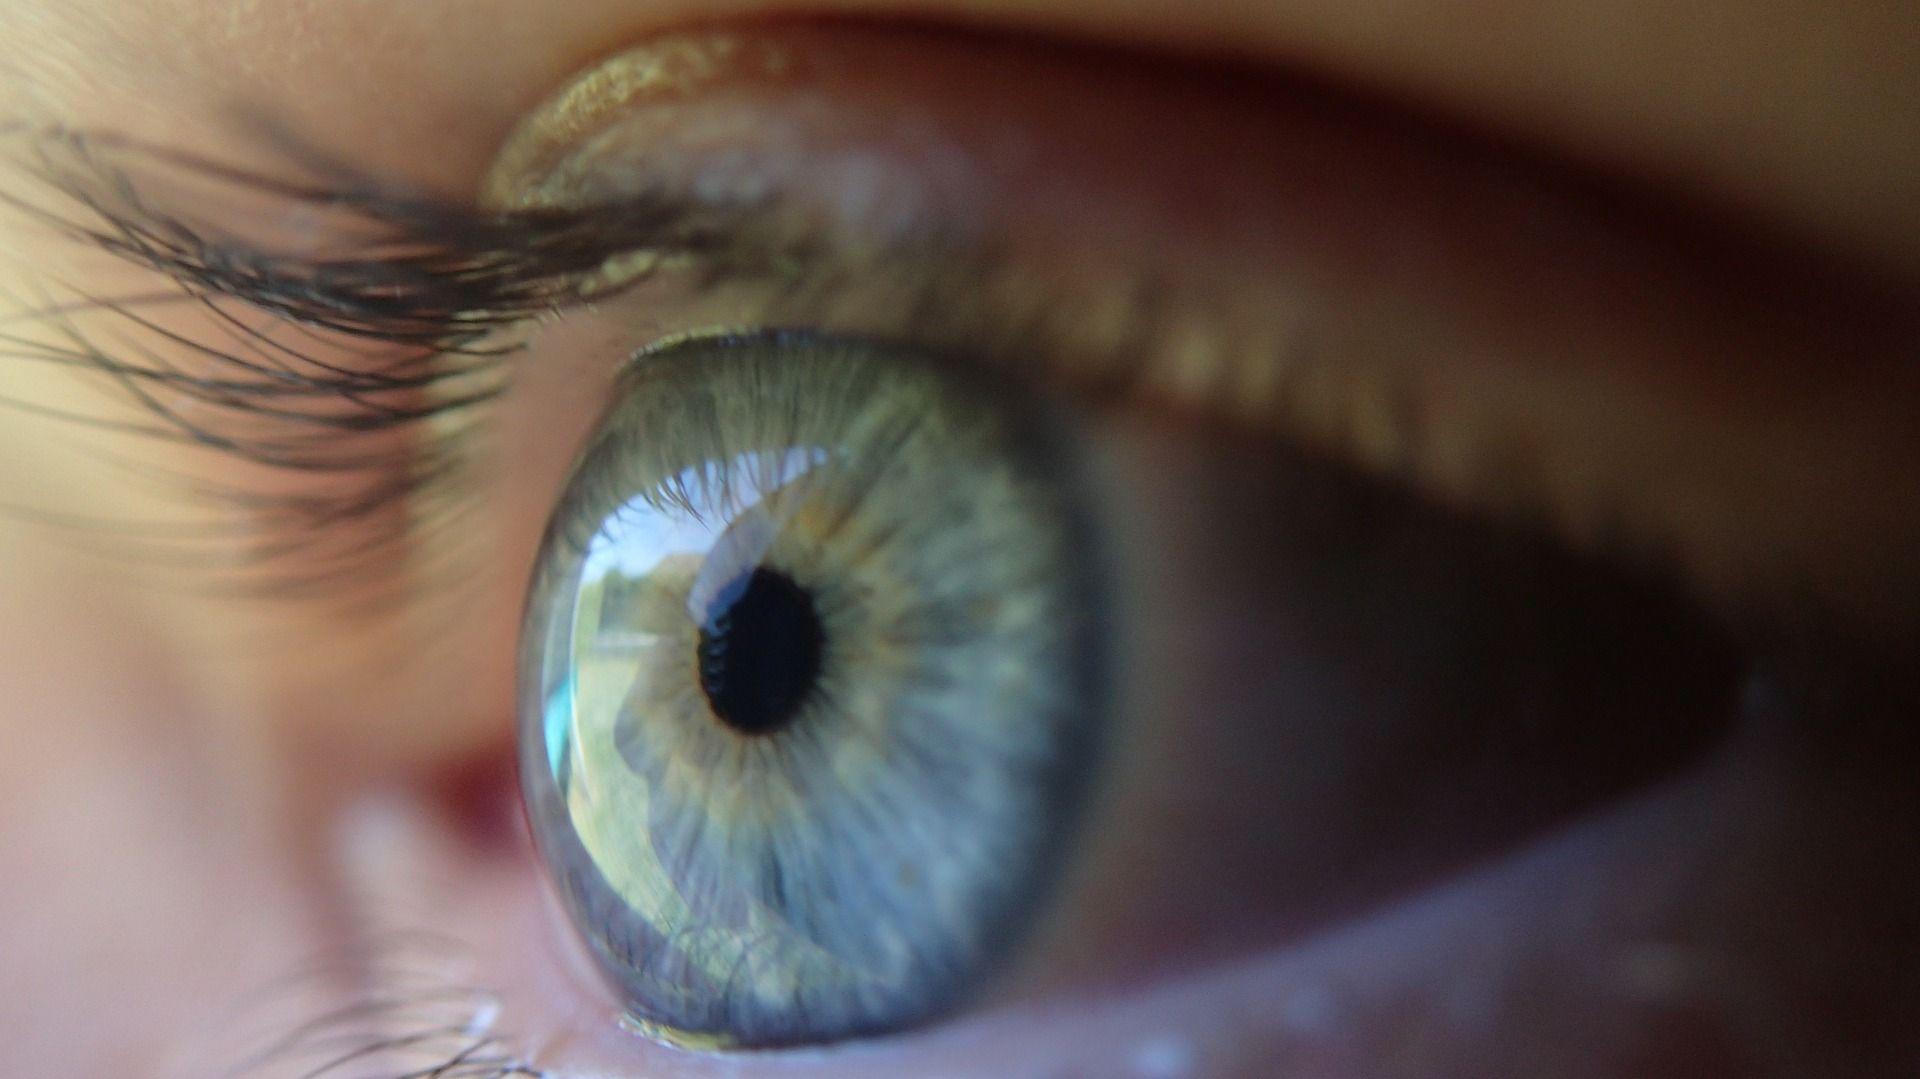 Стартап обещает криптовалюту за скан радужной оболочки глаза